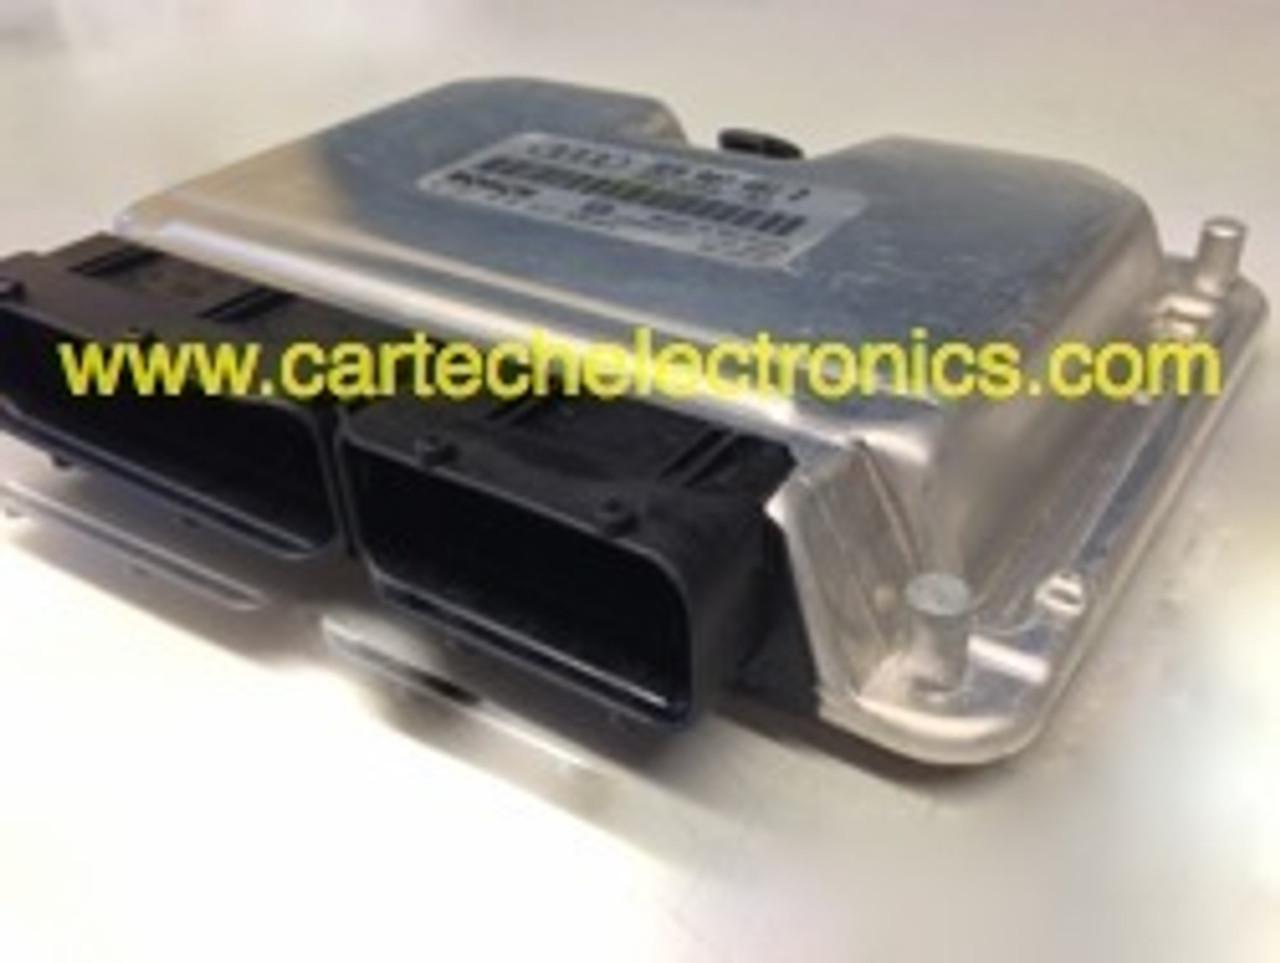 Plug & Play Bosch Engine ECU, VW Passat 1.9 TDI, 0281010704, 0281 010 704, 038906019ER, 038 906 019 ER, EDC15P+